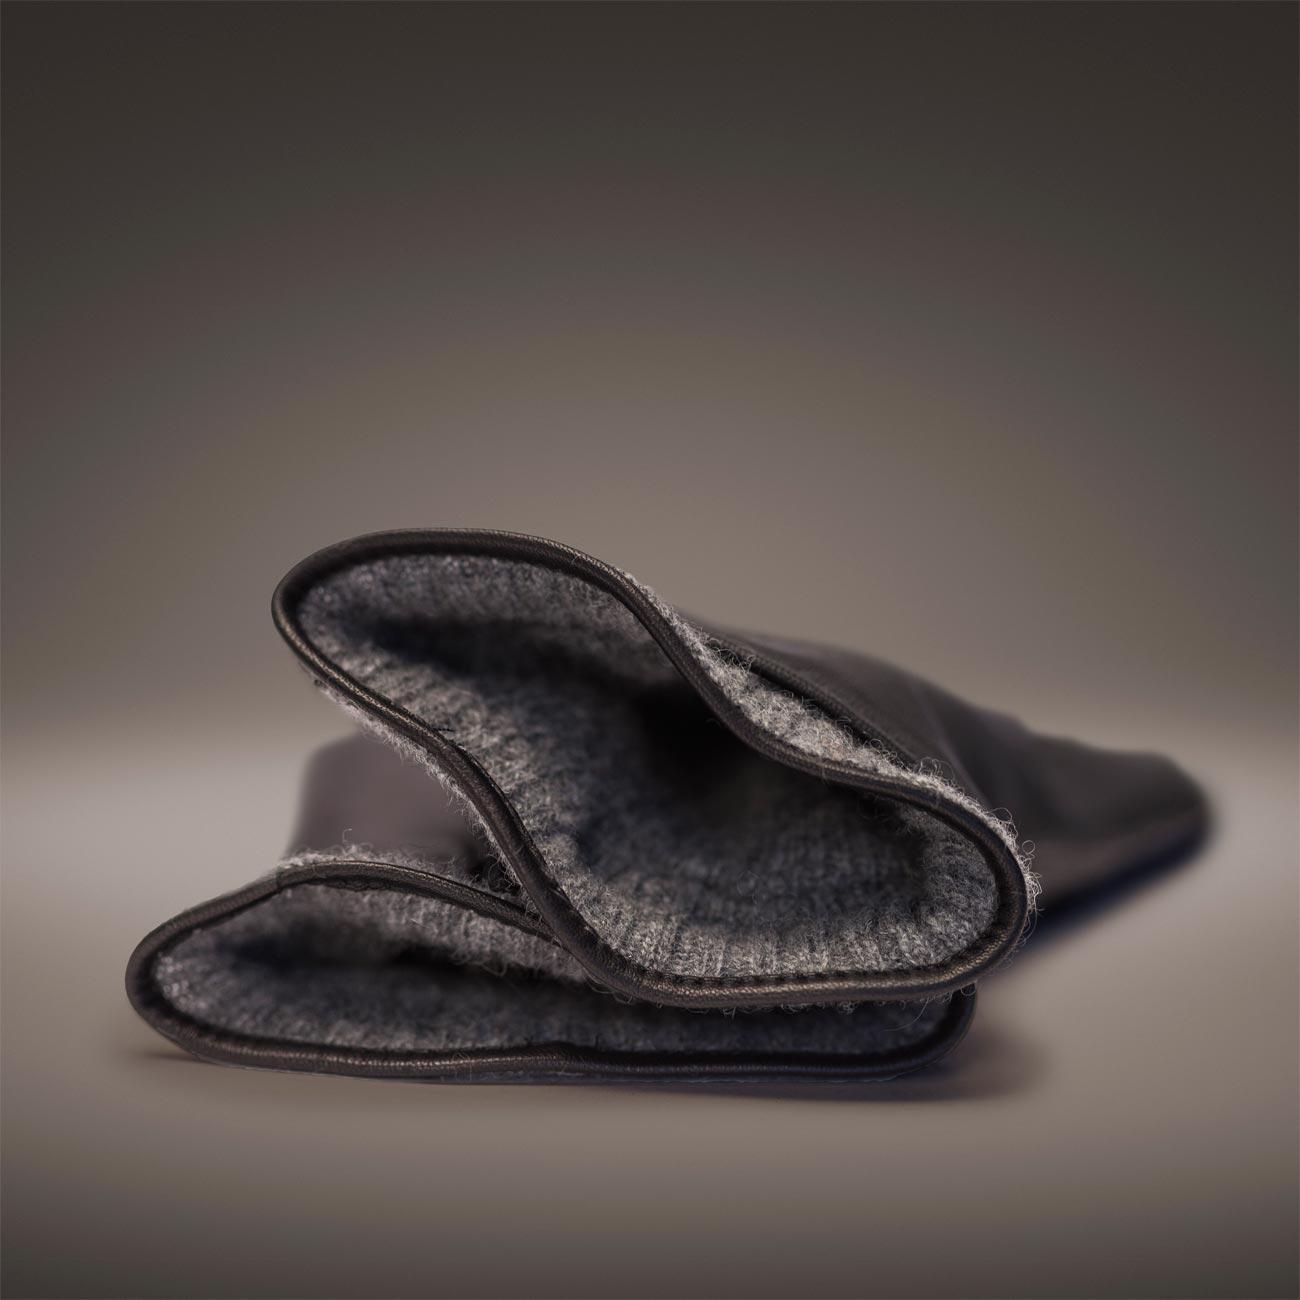 Produzent hochwertige Handschuhe | Lieferant hochwertiger Leder Handschuhe